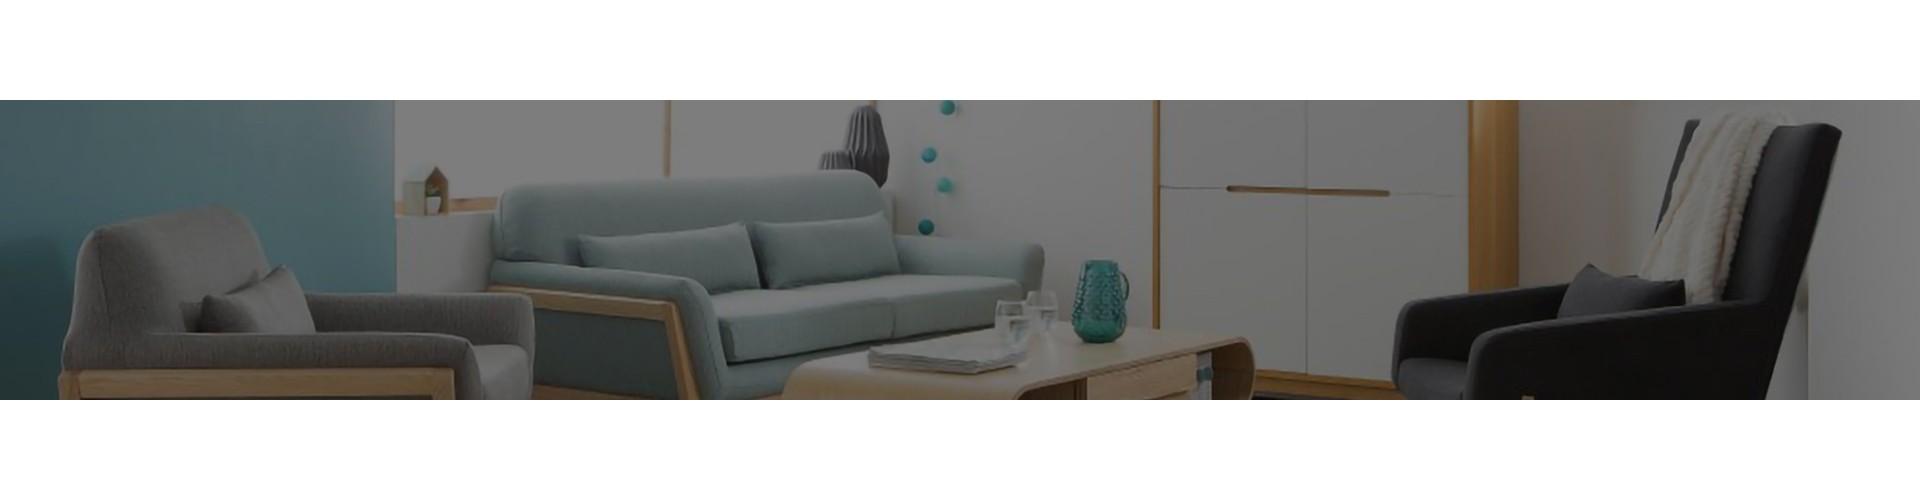 The H design - Sofás hermosos y funcionales